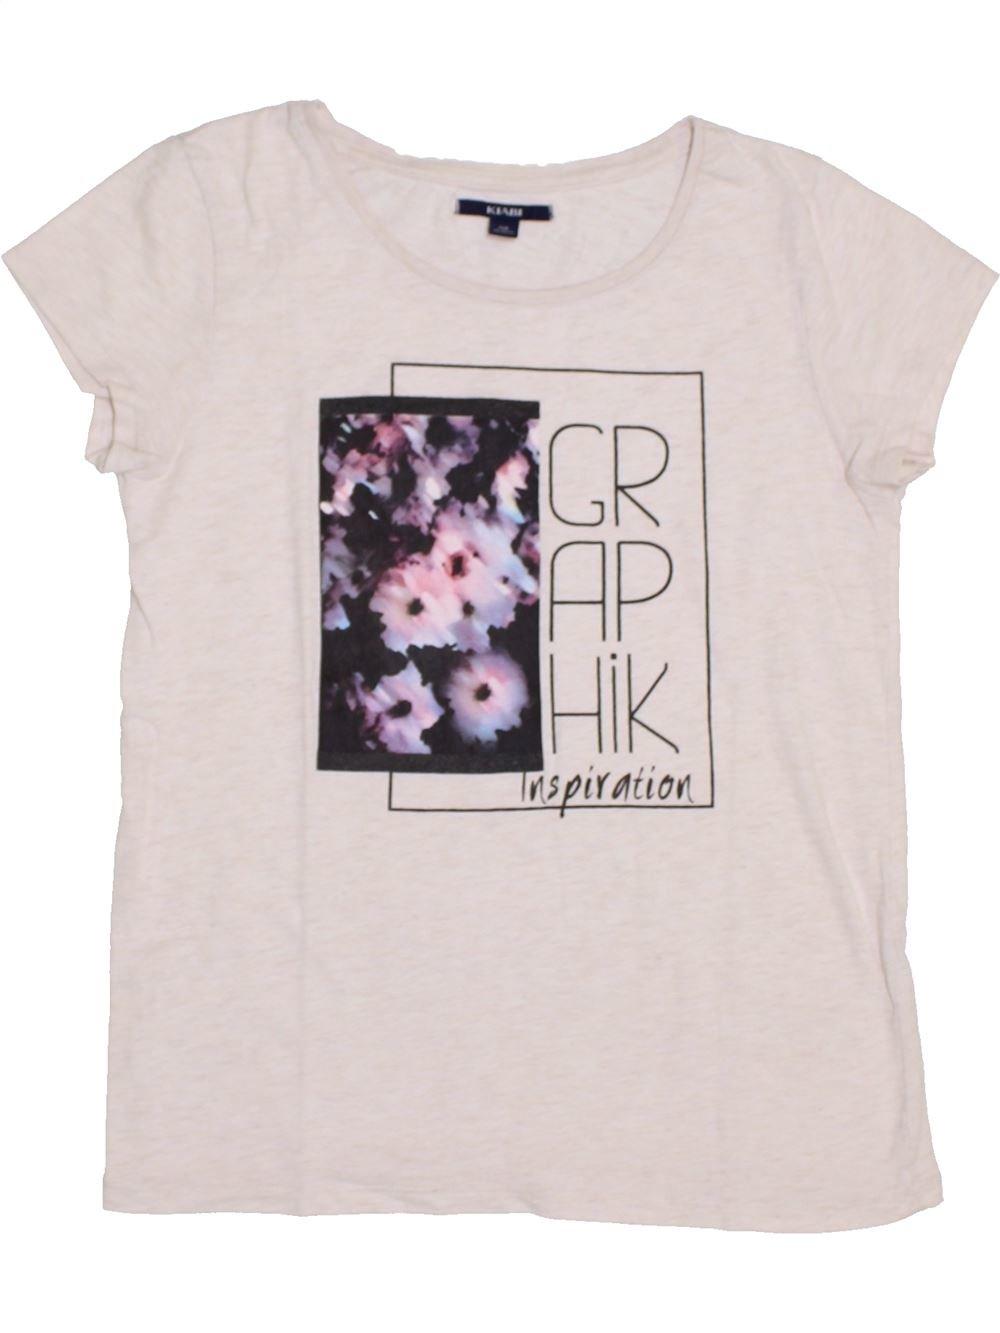 11de88ad00dd0 T-shirt manches courtes blanc KIABI du 12 ans pour Fille - 1383861